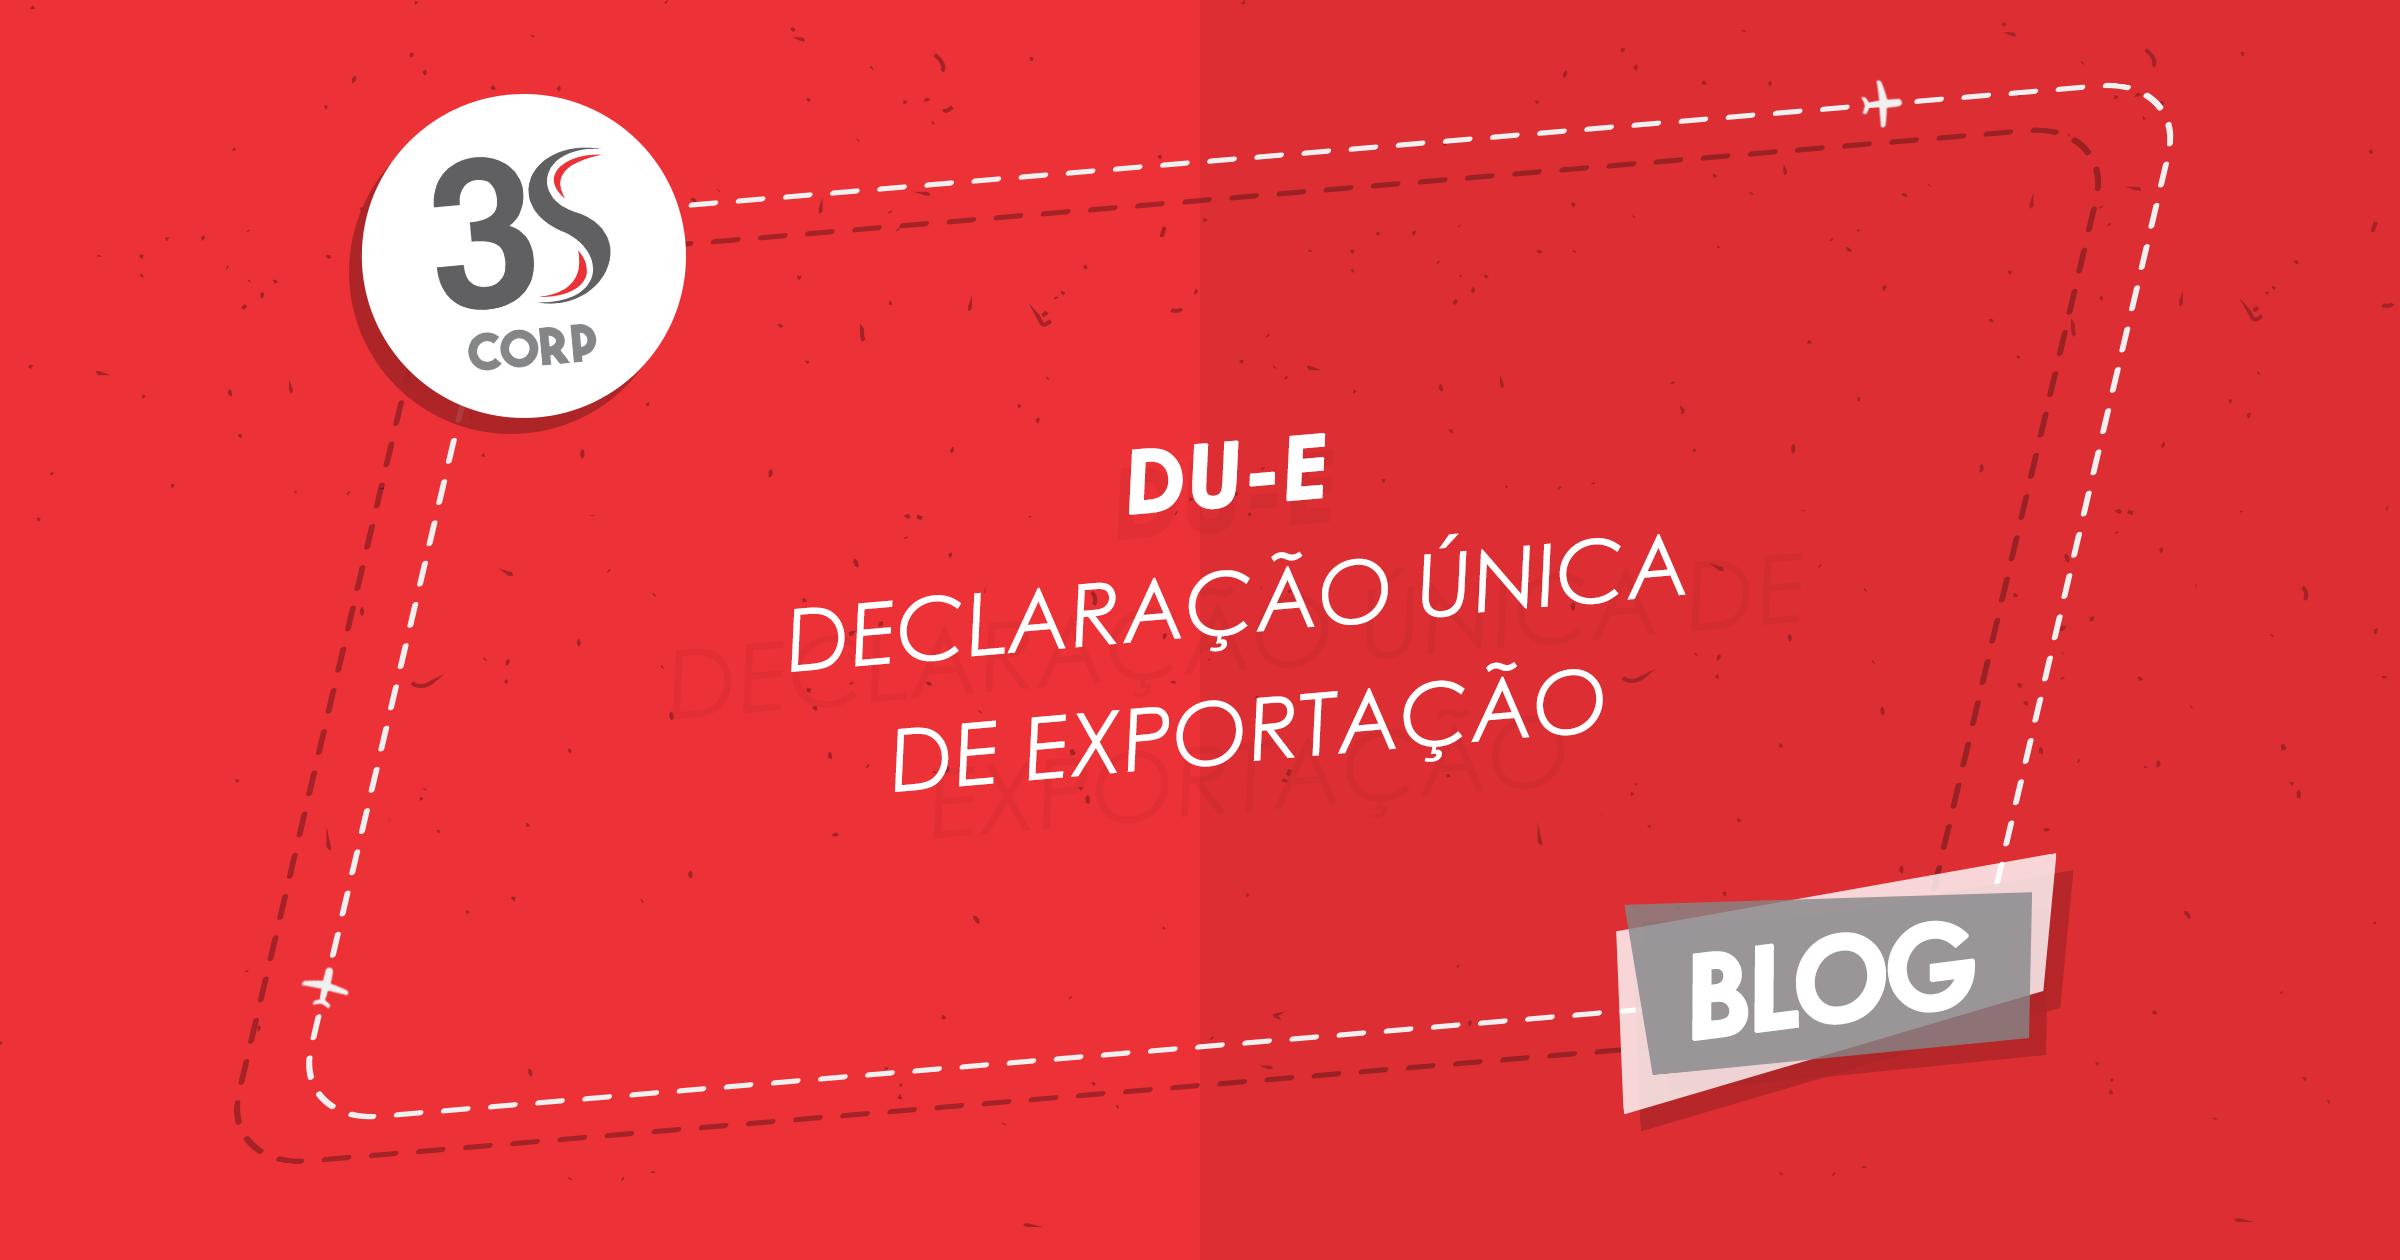 du-e blog